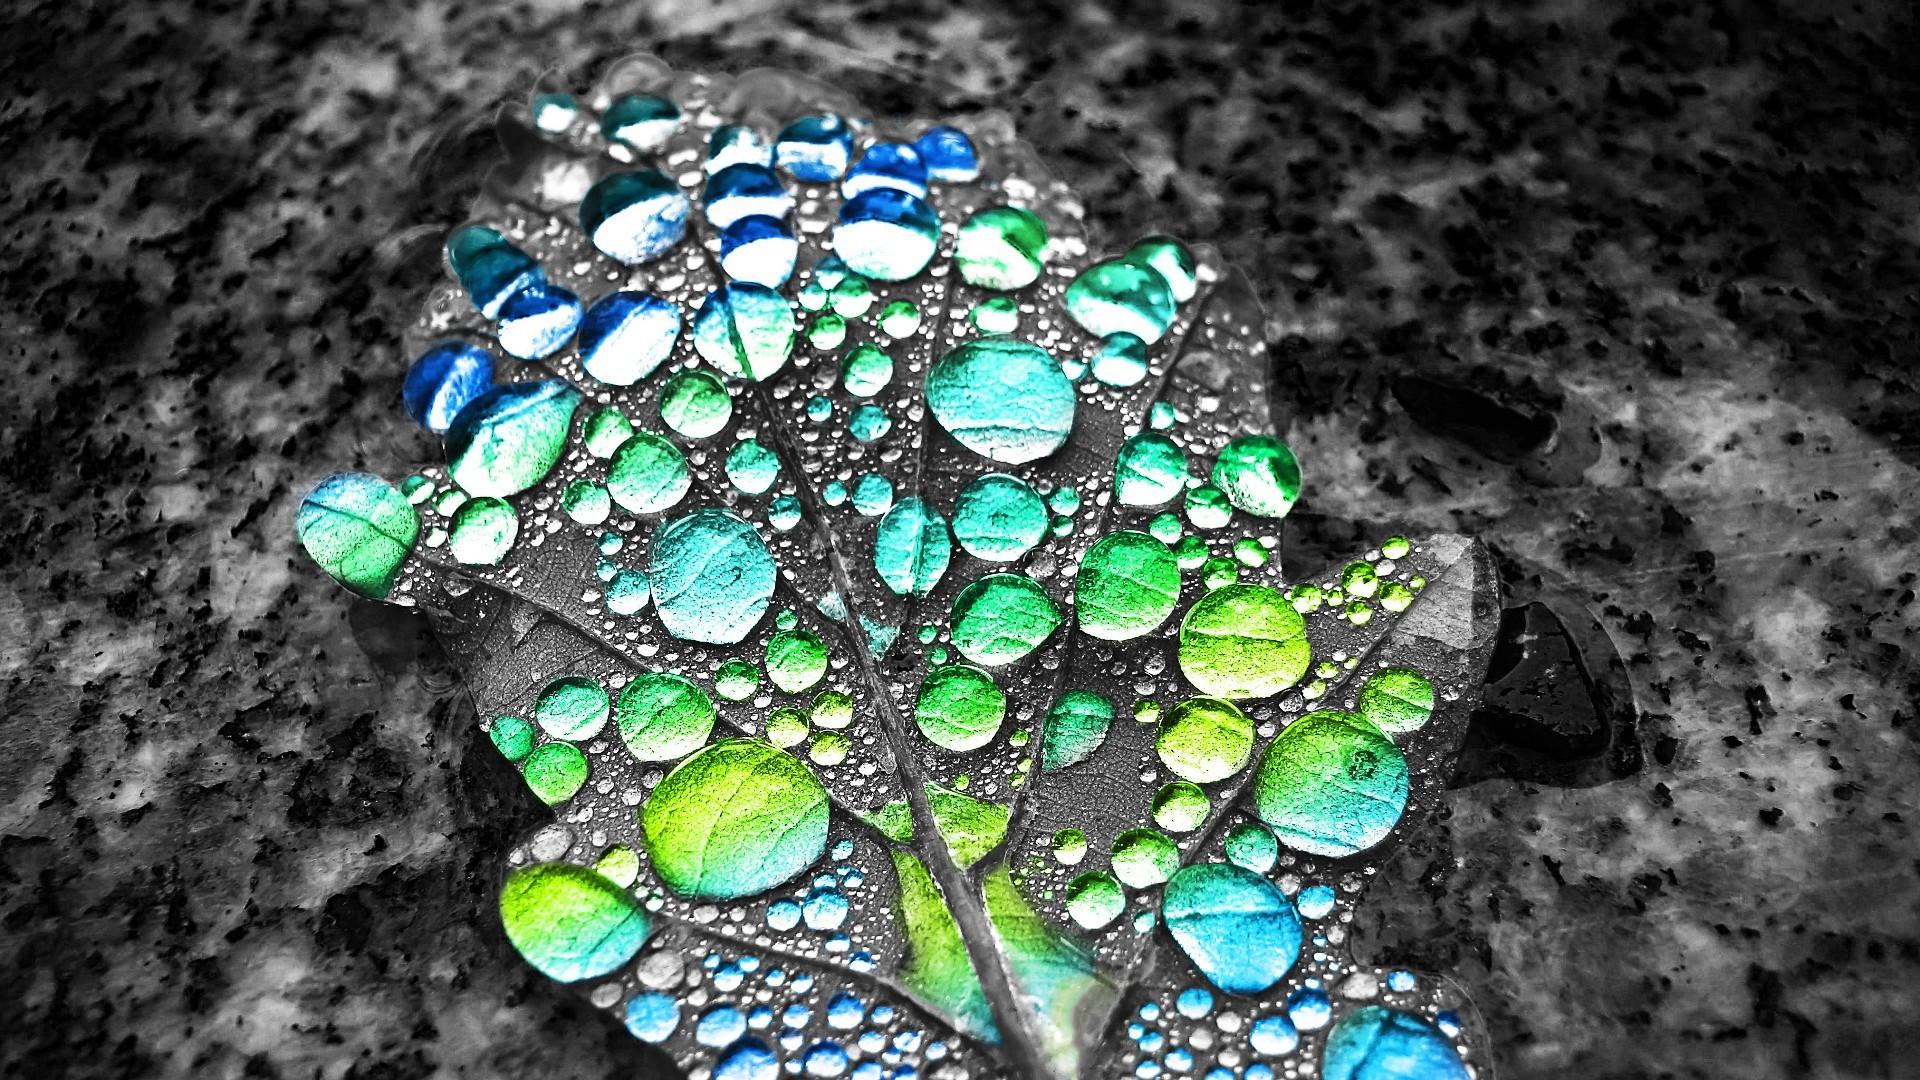 Hintergrundbilder : Blätter, Selektive Färbung, Wassertropfen, Grün ...